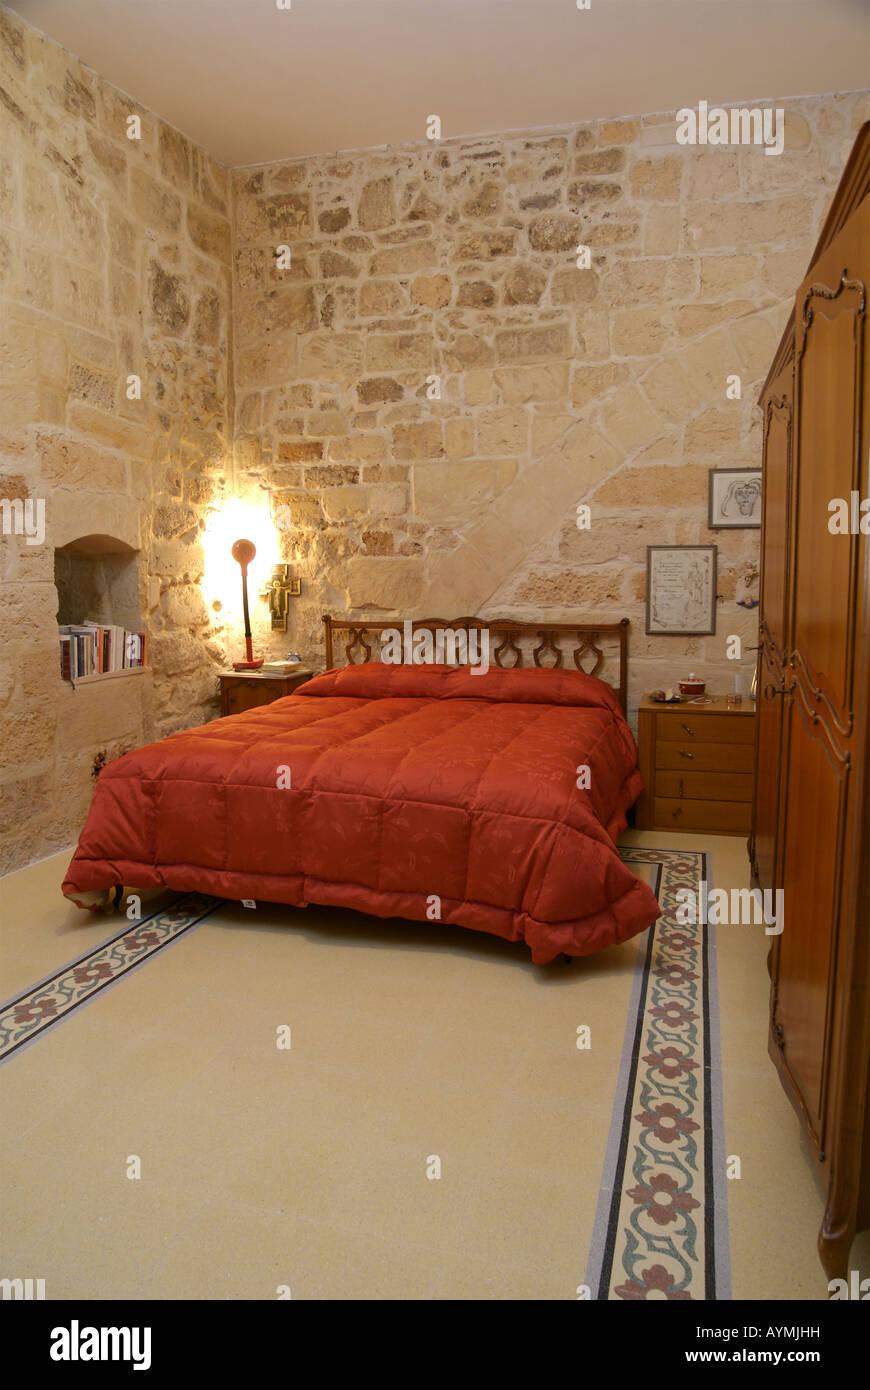 Riscaldare Camera Da Letto riscaldare la camera da letto in stile rustico con interni